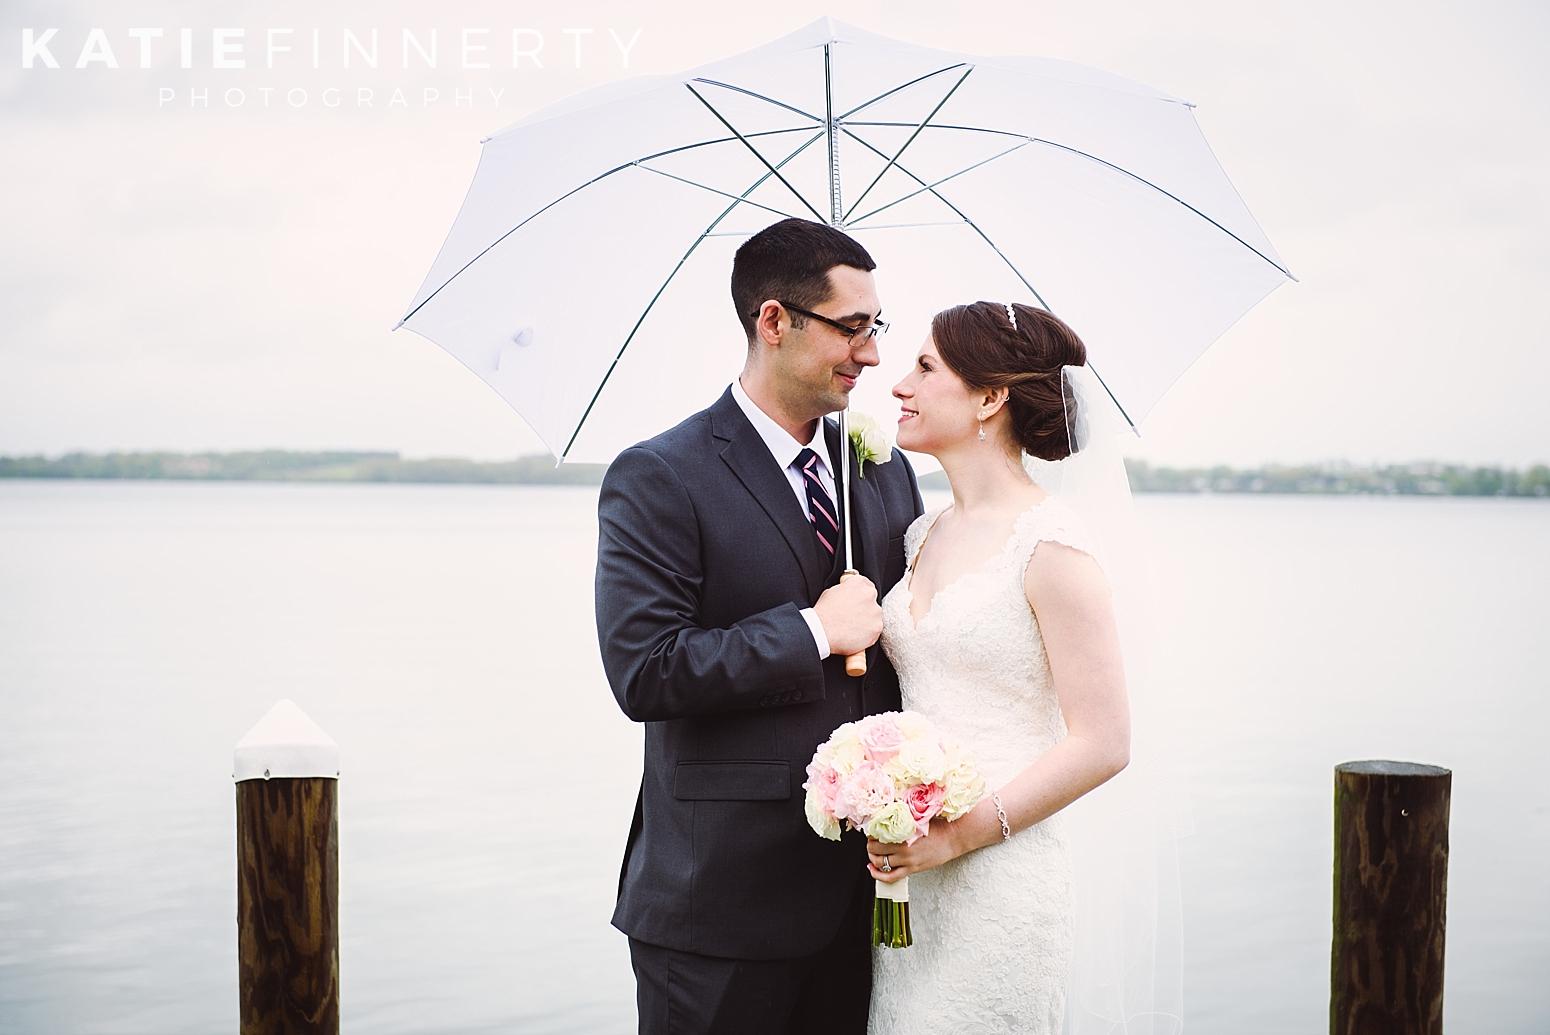 Belhurst Castle Finger Lakes Wedding Photography